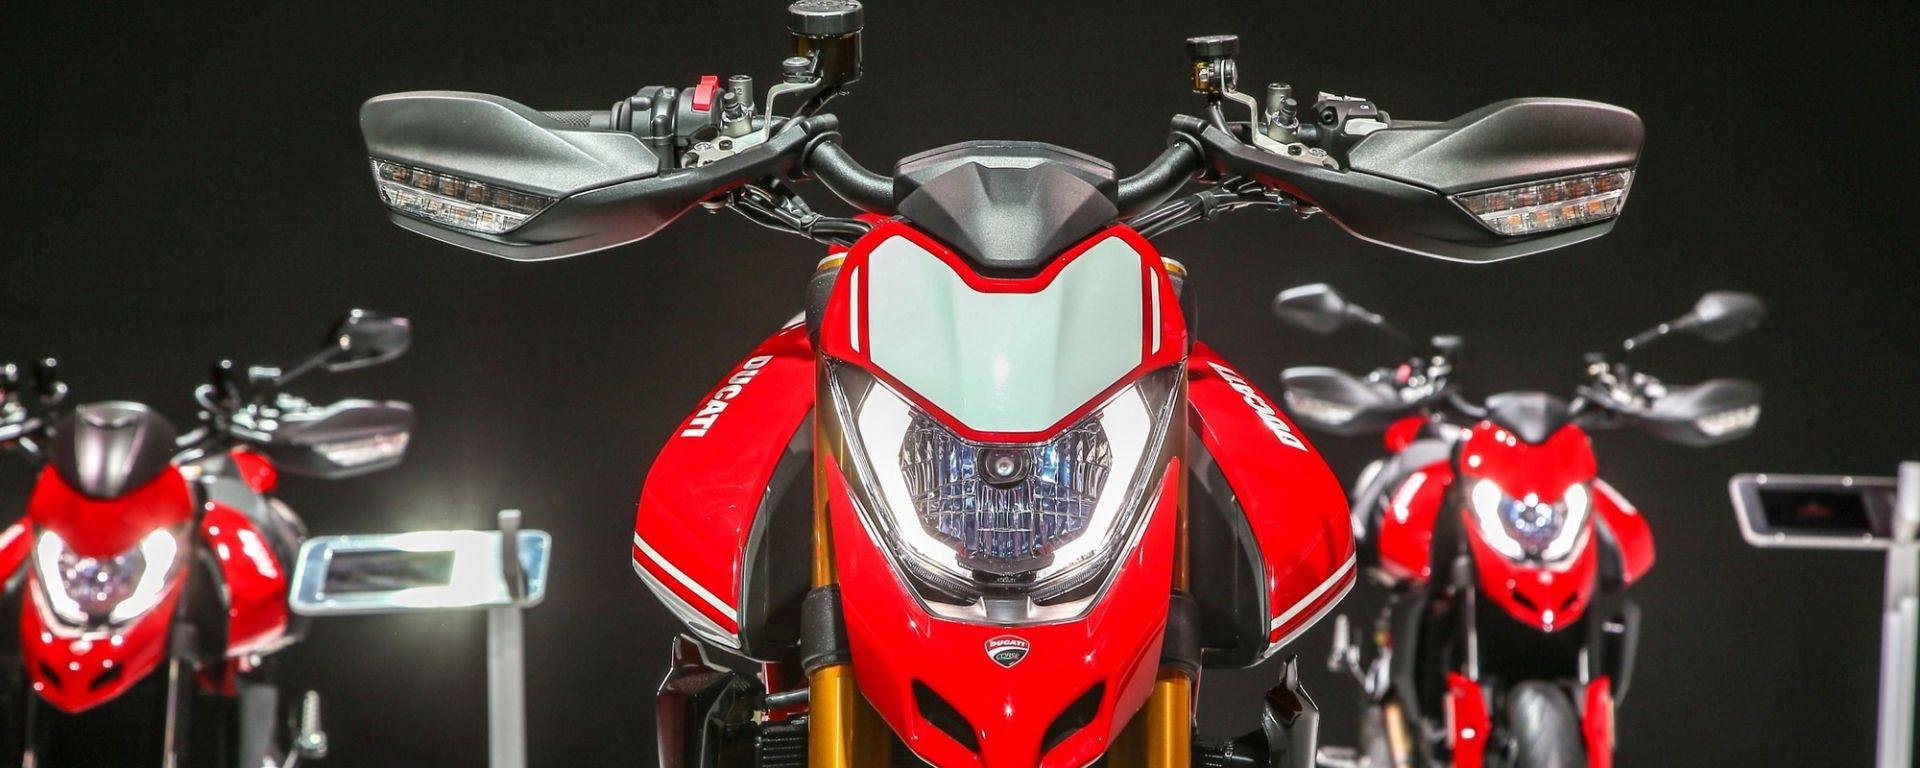 """Ducati Hypermotard 950: la """"fun bike"""" è tutta nuova [VIDEO]"""